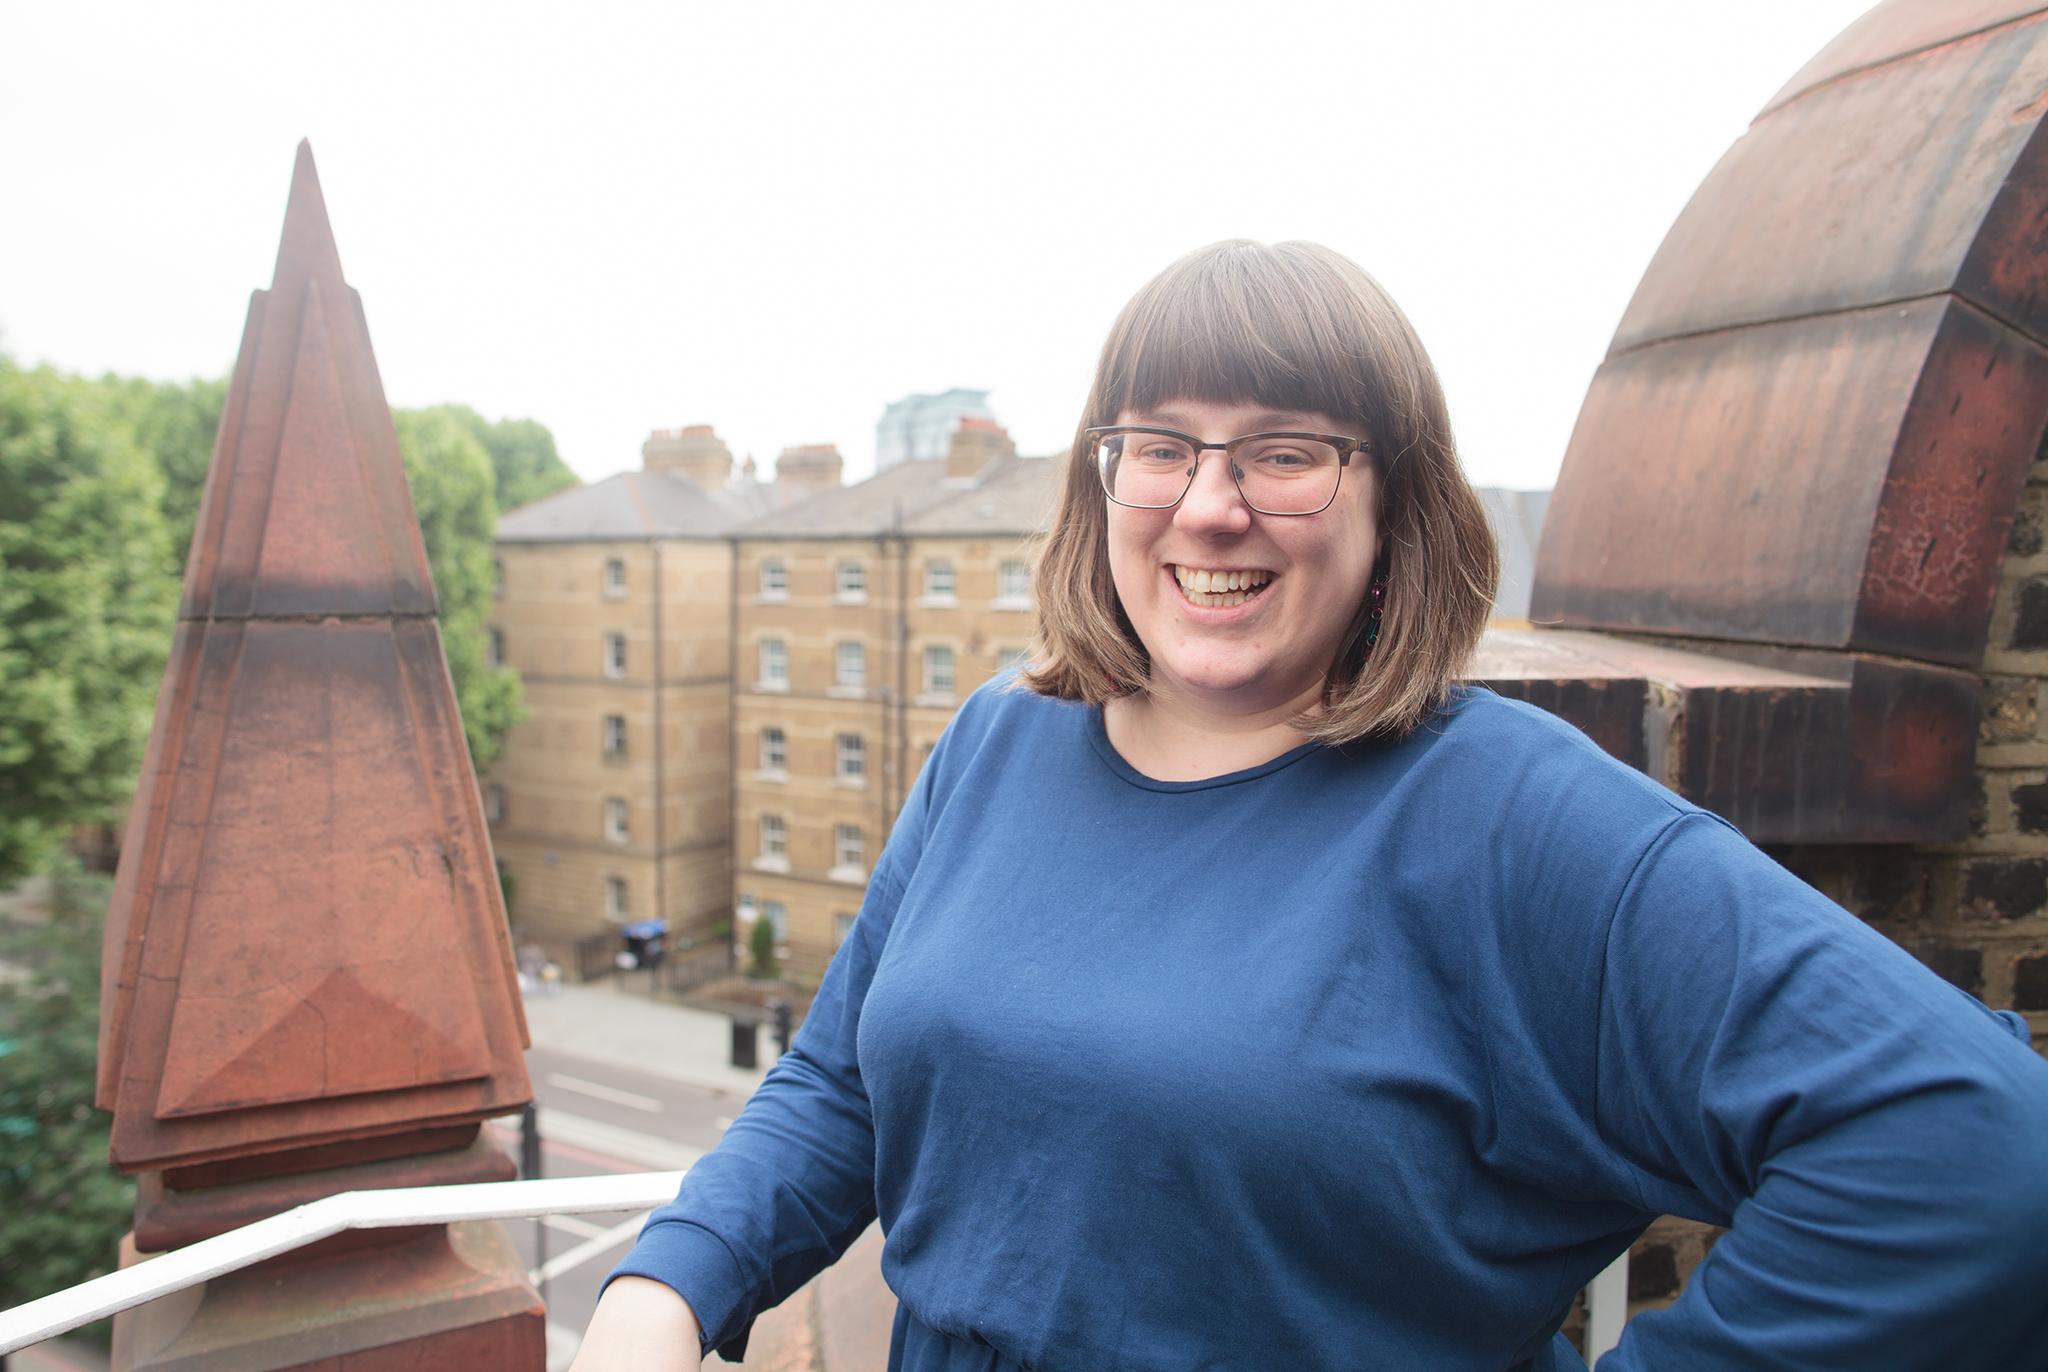 Hannah Flynn, Communications Director, Failbetter Games